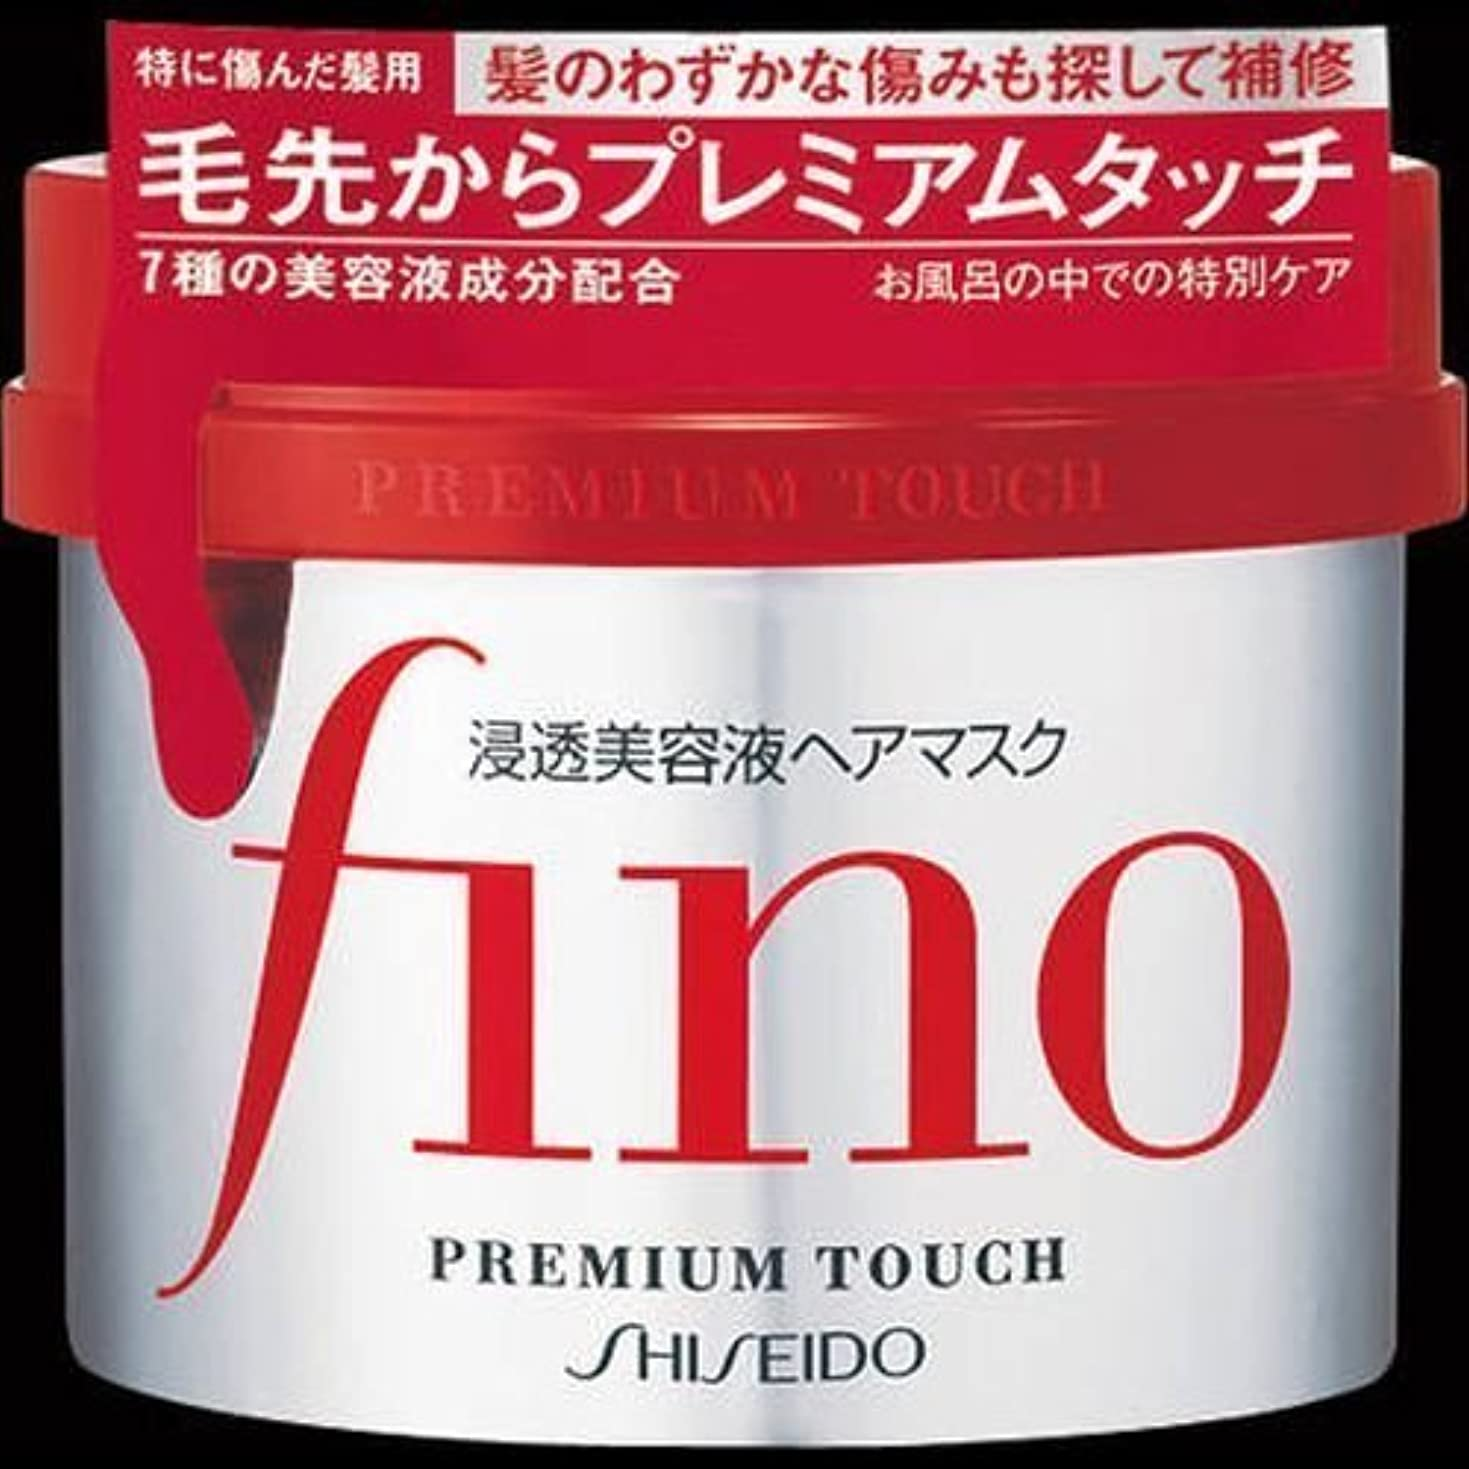 一回溶接引き算【まとめ買い】フィーノ プレミアムタッチ 浸透美容液 ヘアマスク 230g ×2セット